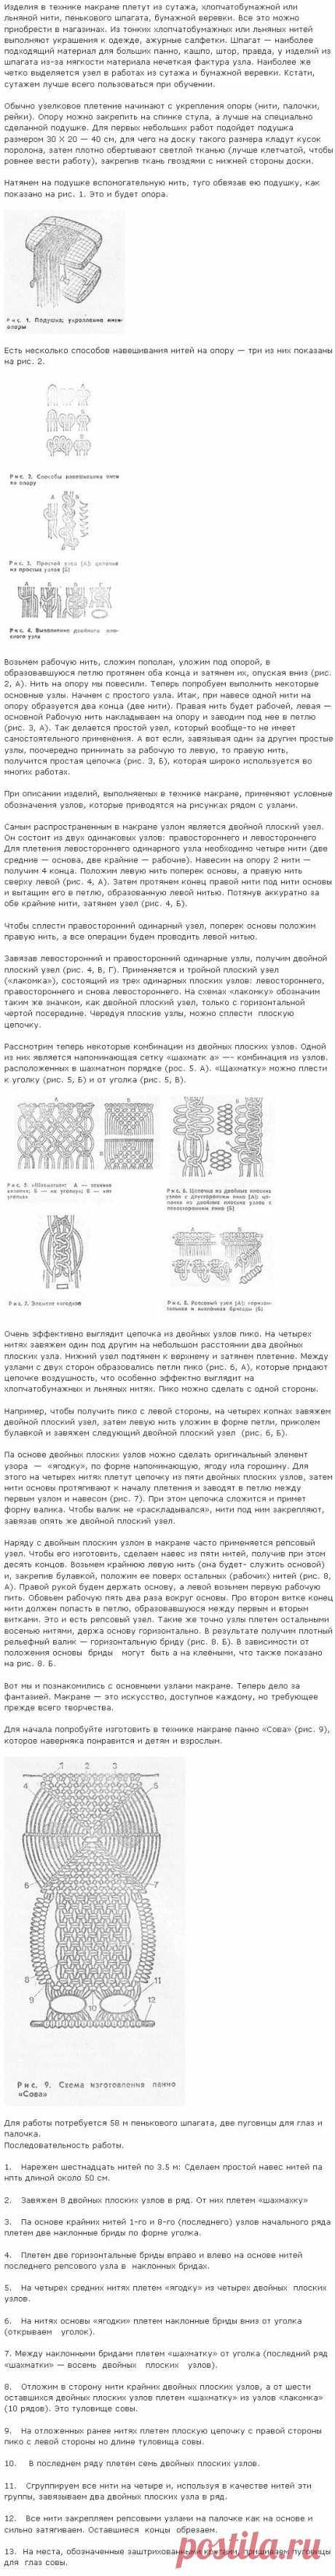 МАКРАМЕ СХЕМЫ ПЛЕТЕНИЯ ДЛЯ НАЧИНАЮЩИХ |  и поэтапное описание работы в узелковой технике